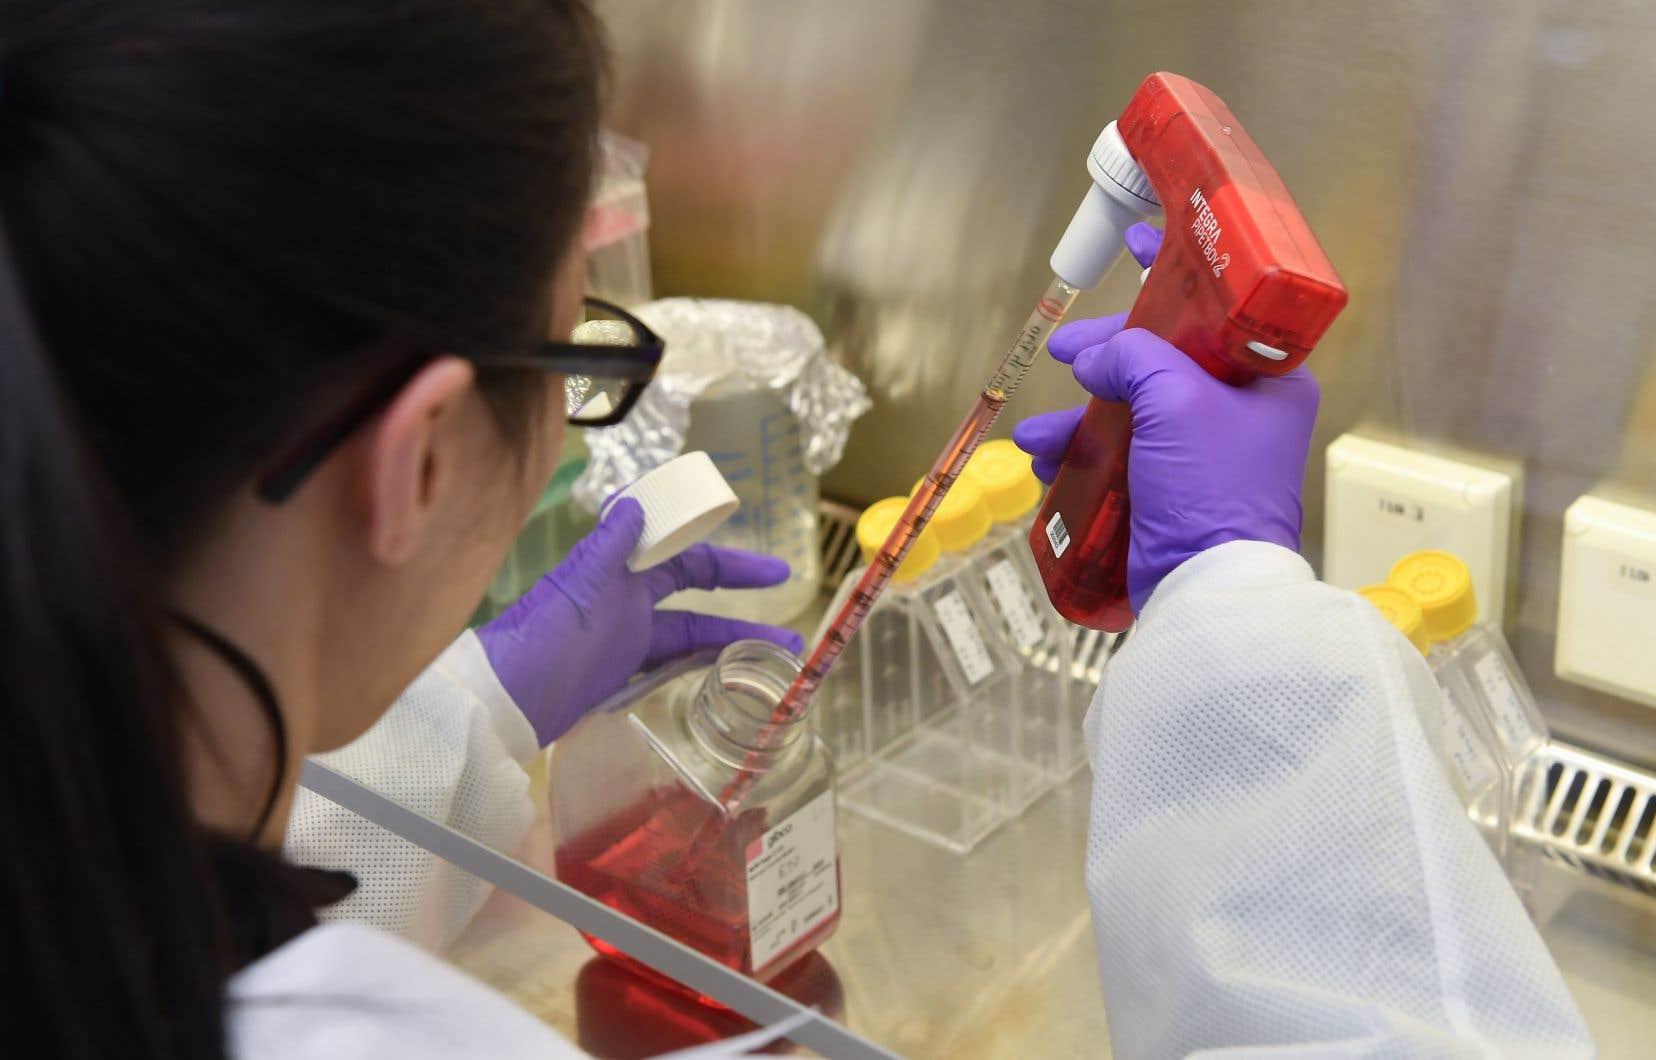 Partout dans le monde, des multinationales de l'industrie pharmaceutique travaillent à mettre au point un vaccin contre la COVID-19.